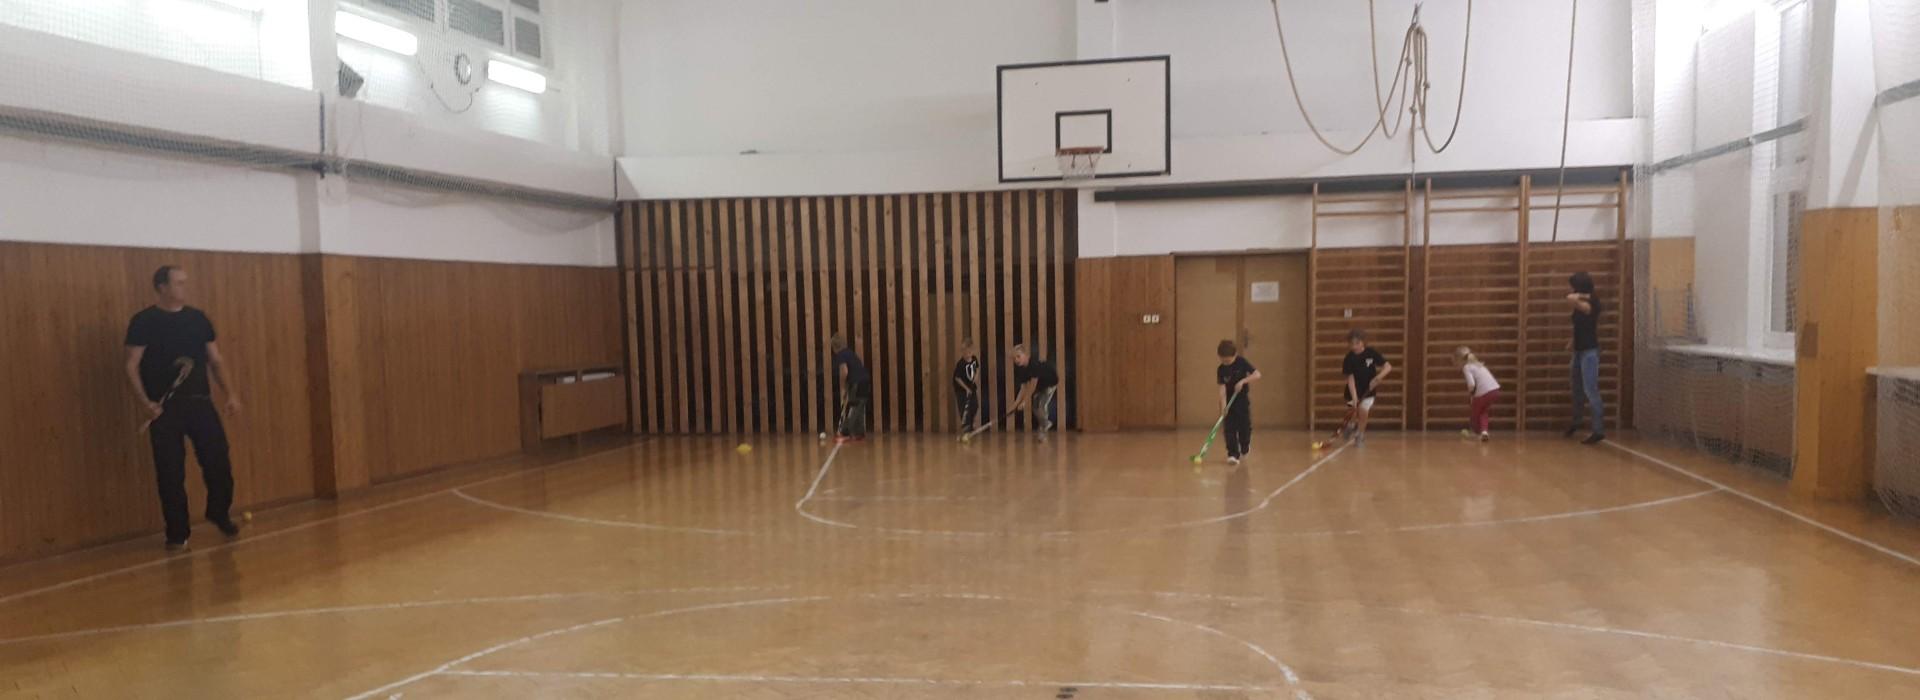 Otevíráme nový školní kroužek pozemního hokeje